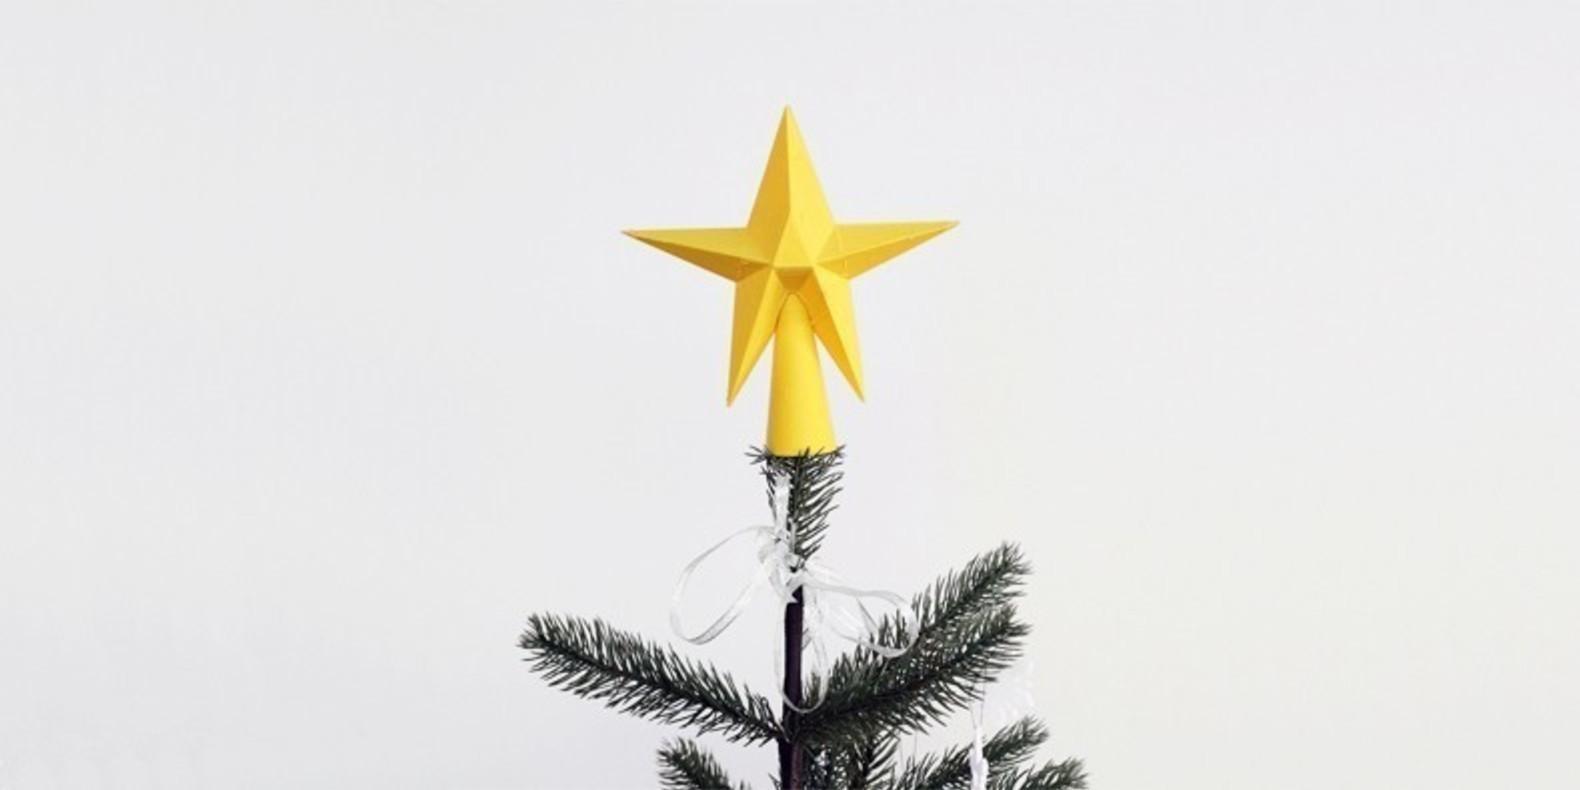 Téléchargez les fichiers STL pour fêter Noël sous le signe de l'impression 3D